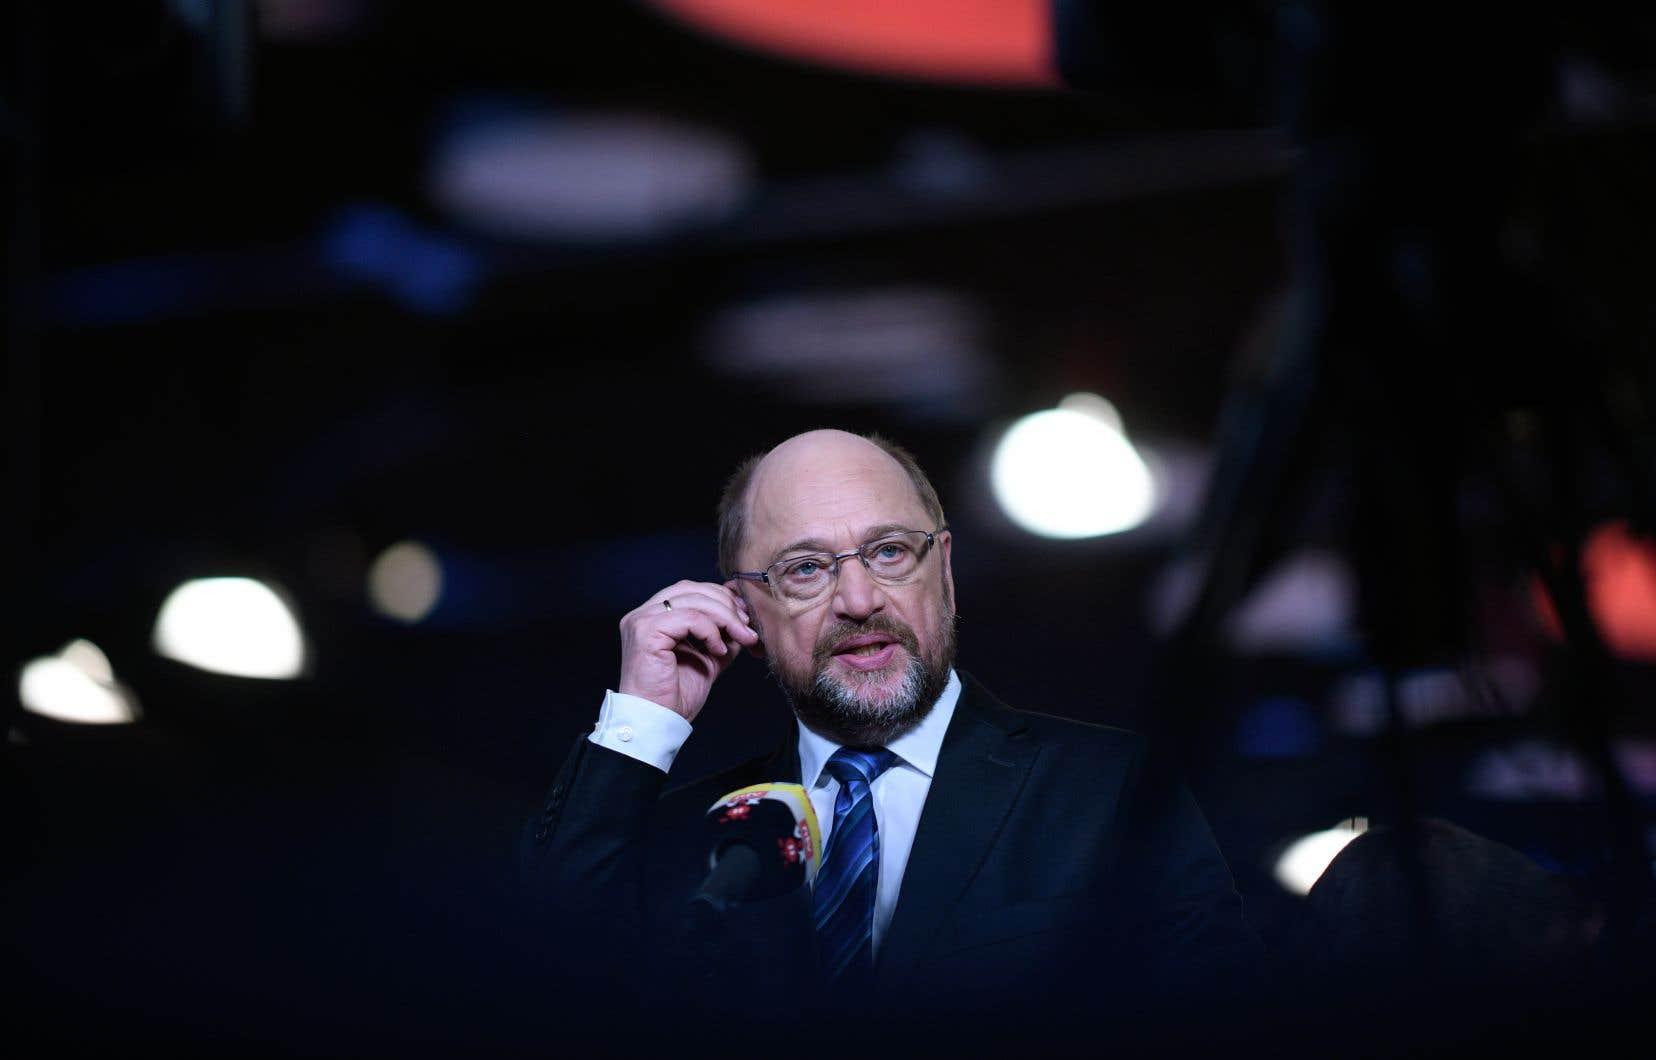 Le leader du parti social-démocrate allemand, Martin Schulz, lors du congrès tenu dimanche